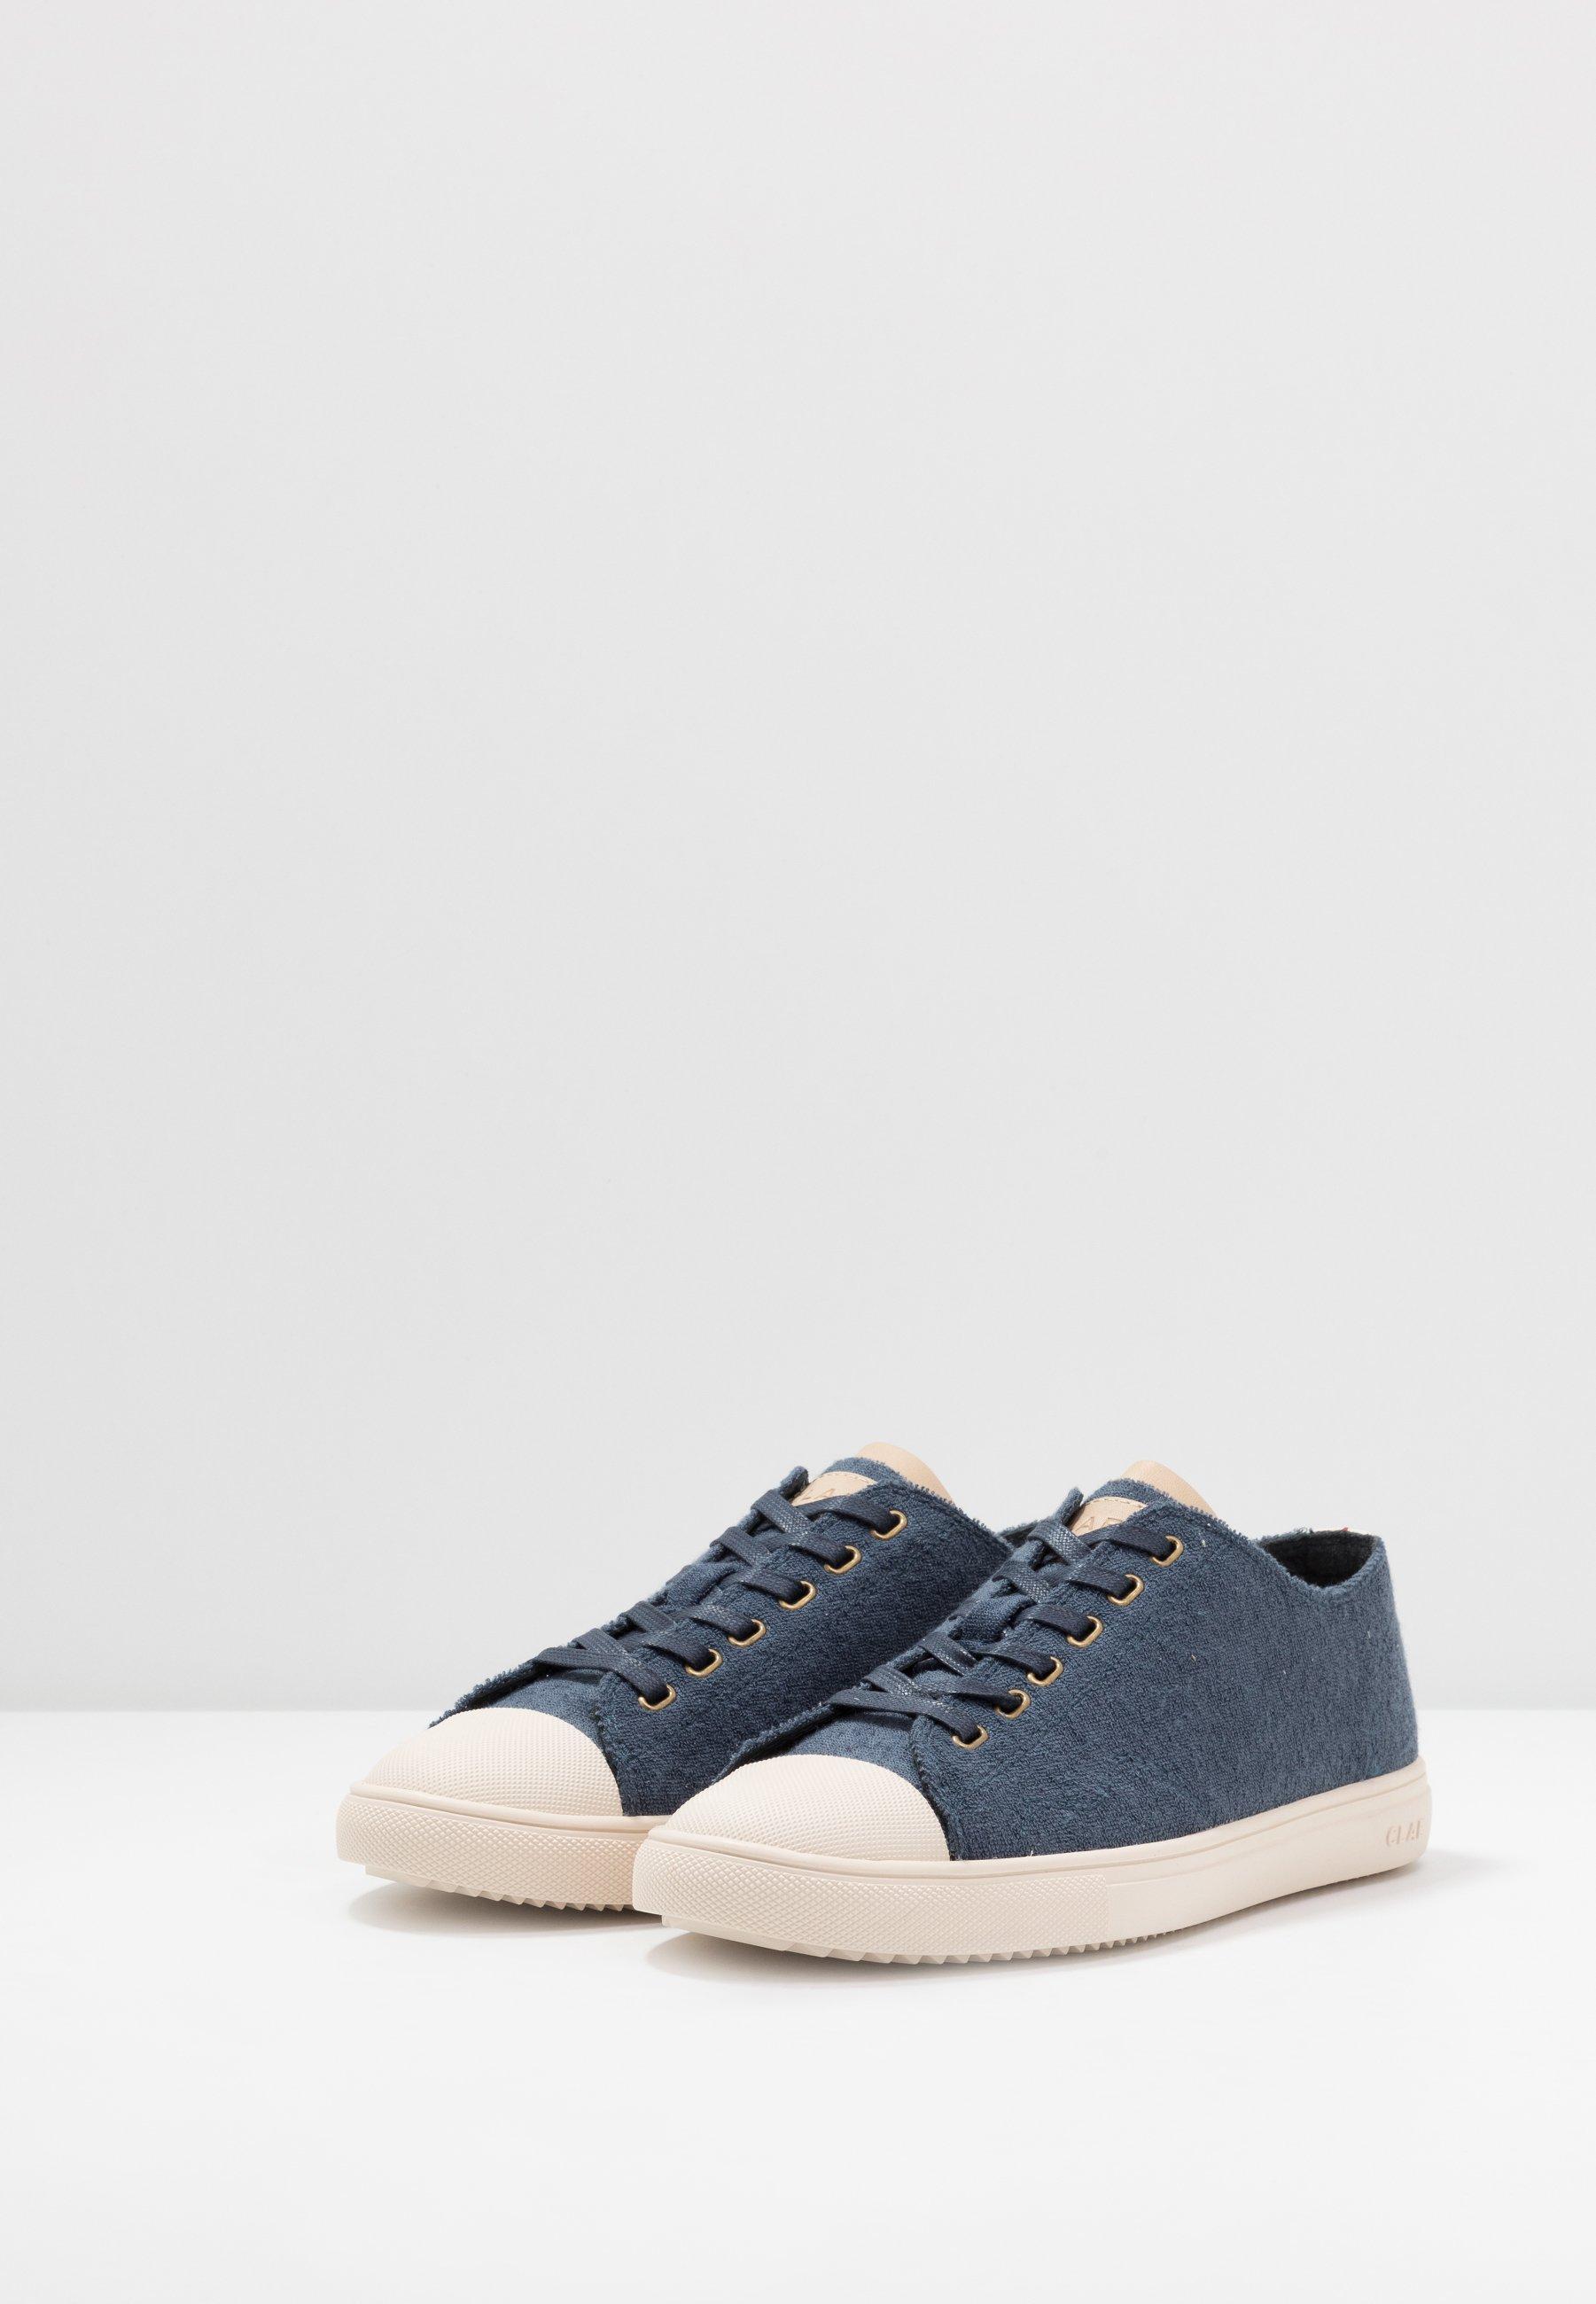 Clae HERBIE - Sneakers - navy